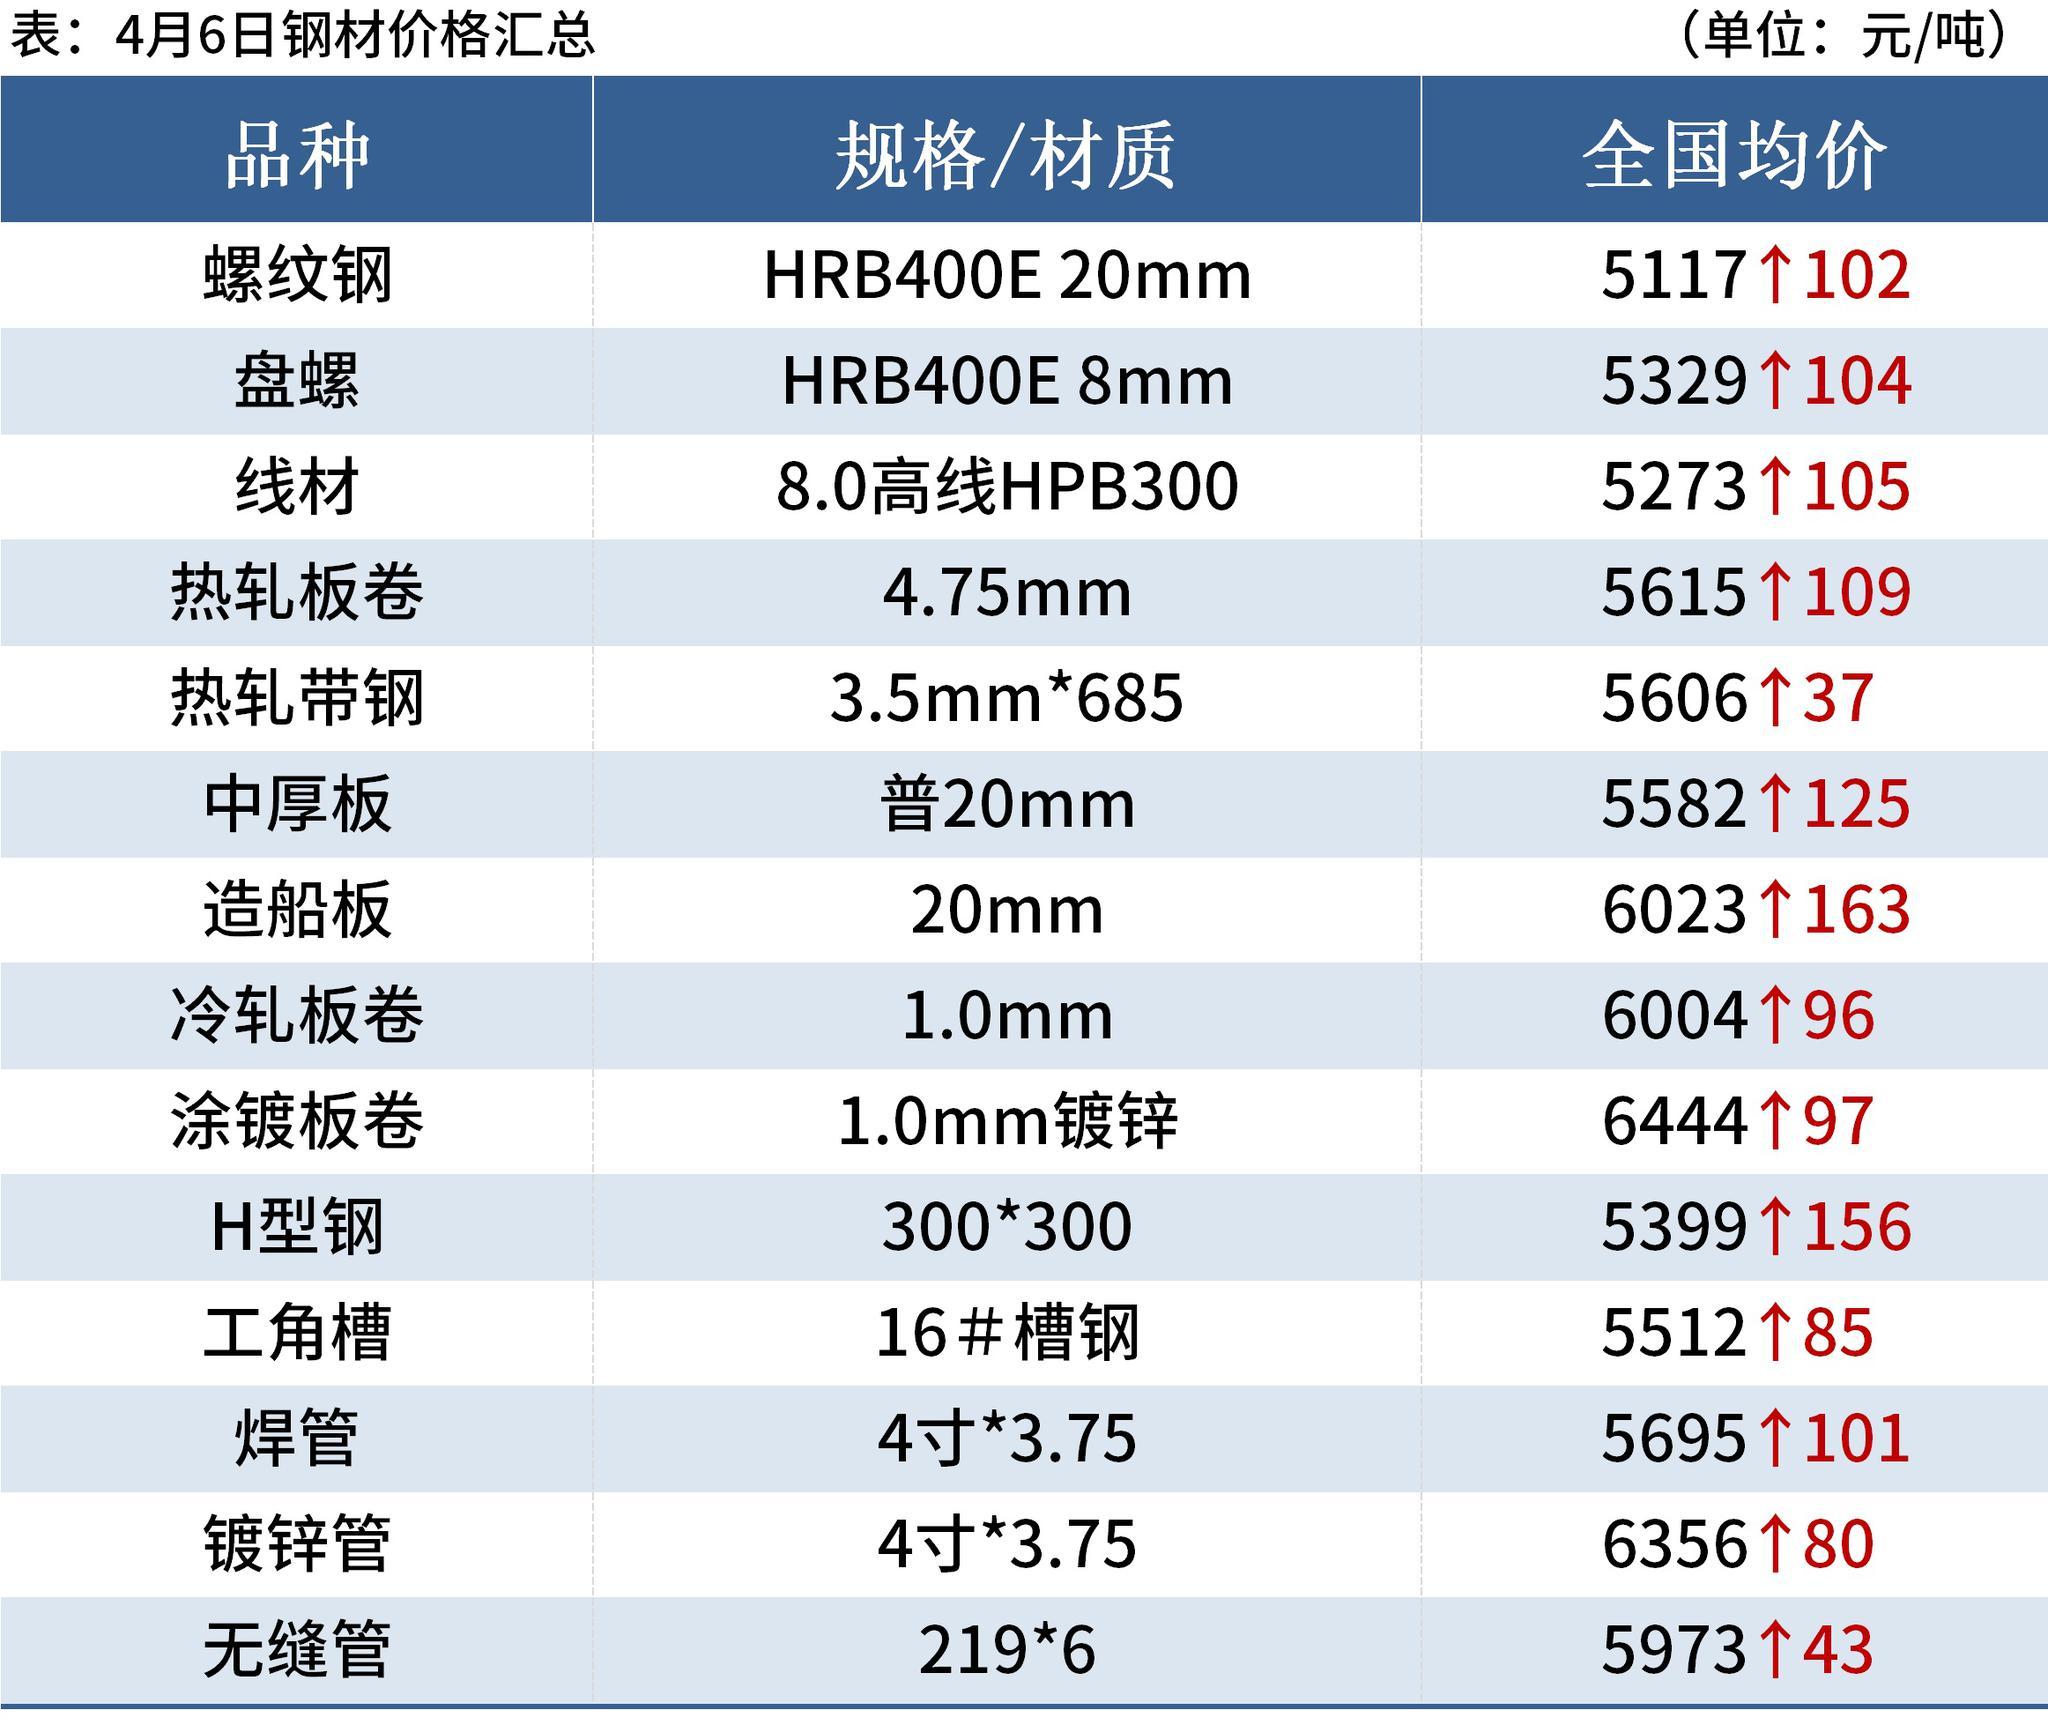 螺纹均价涨破5100,18家钢厂涨价,钢价易涨难跌